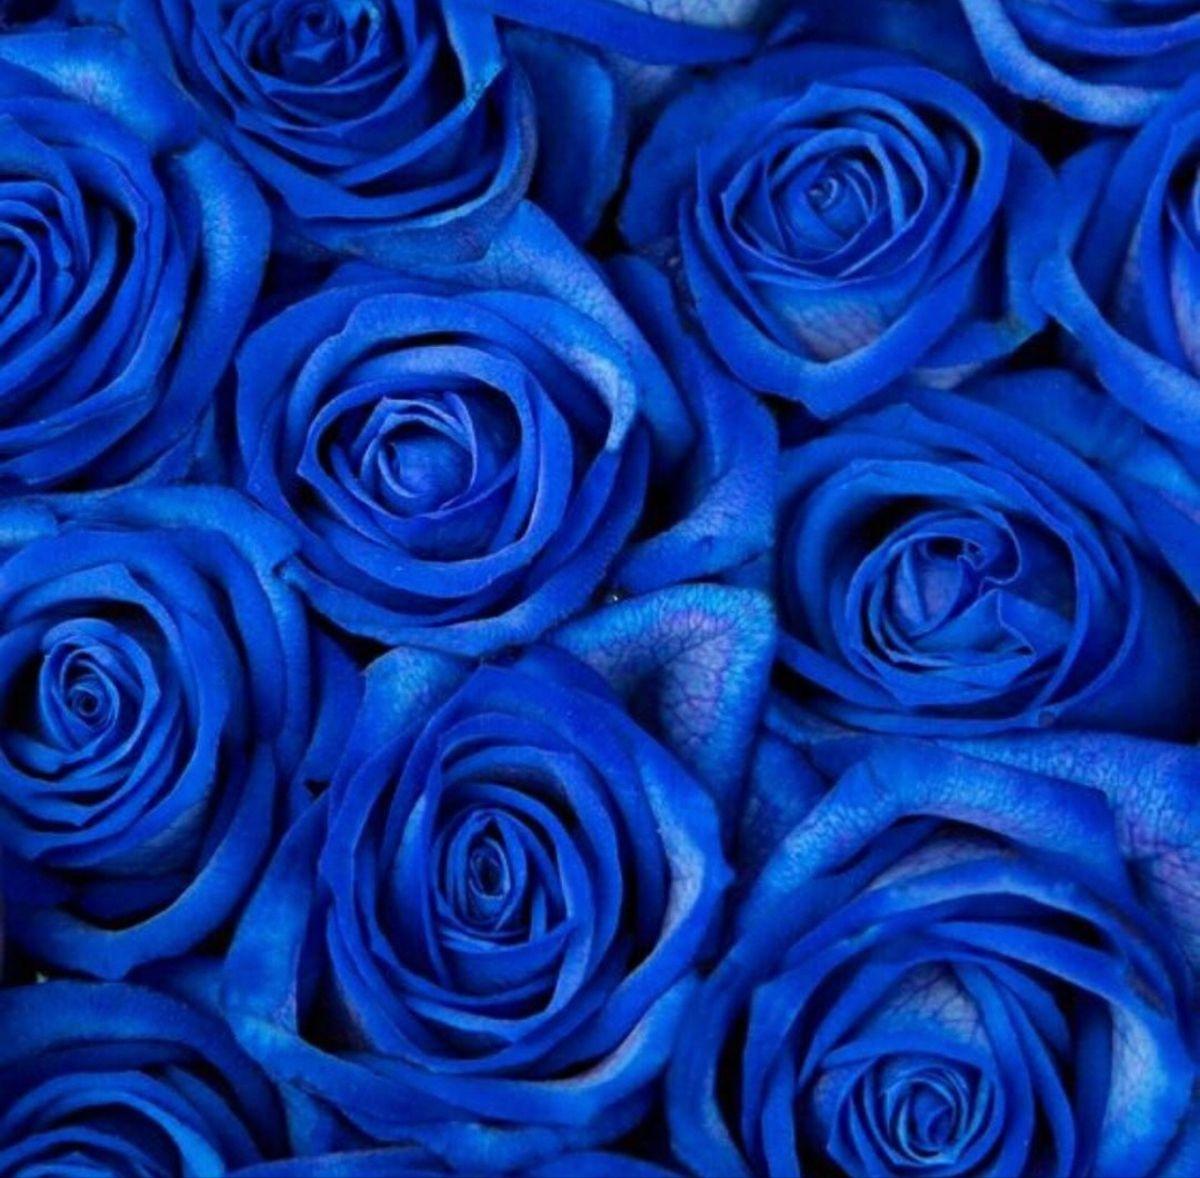 Blue Rose Blue Flower Wallpaper Blue Aesthetic Pastel Blue Roses Wallpaper